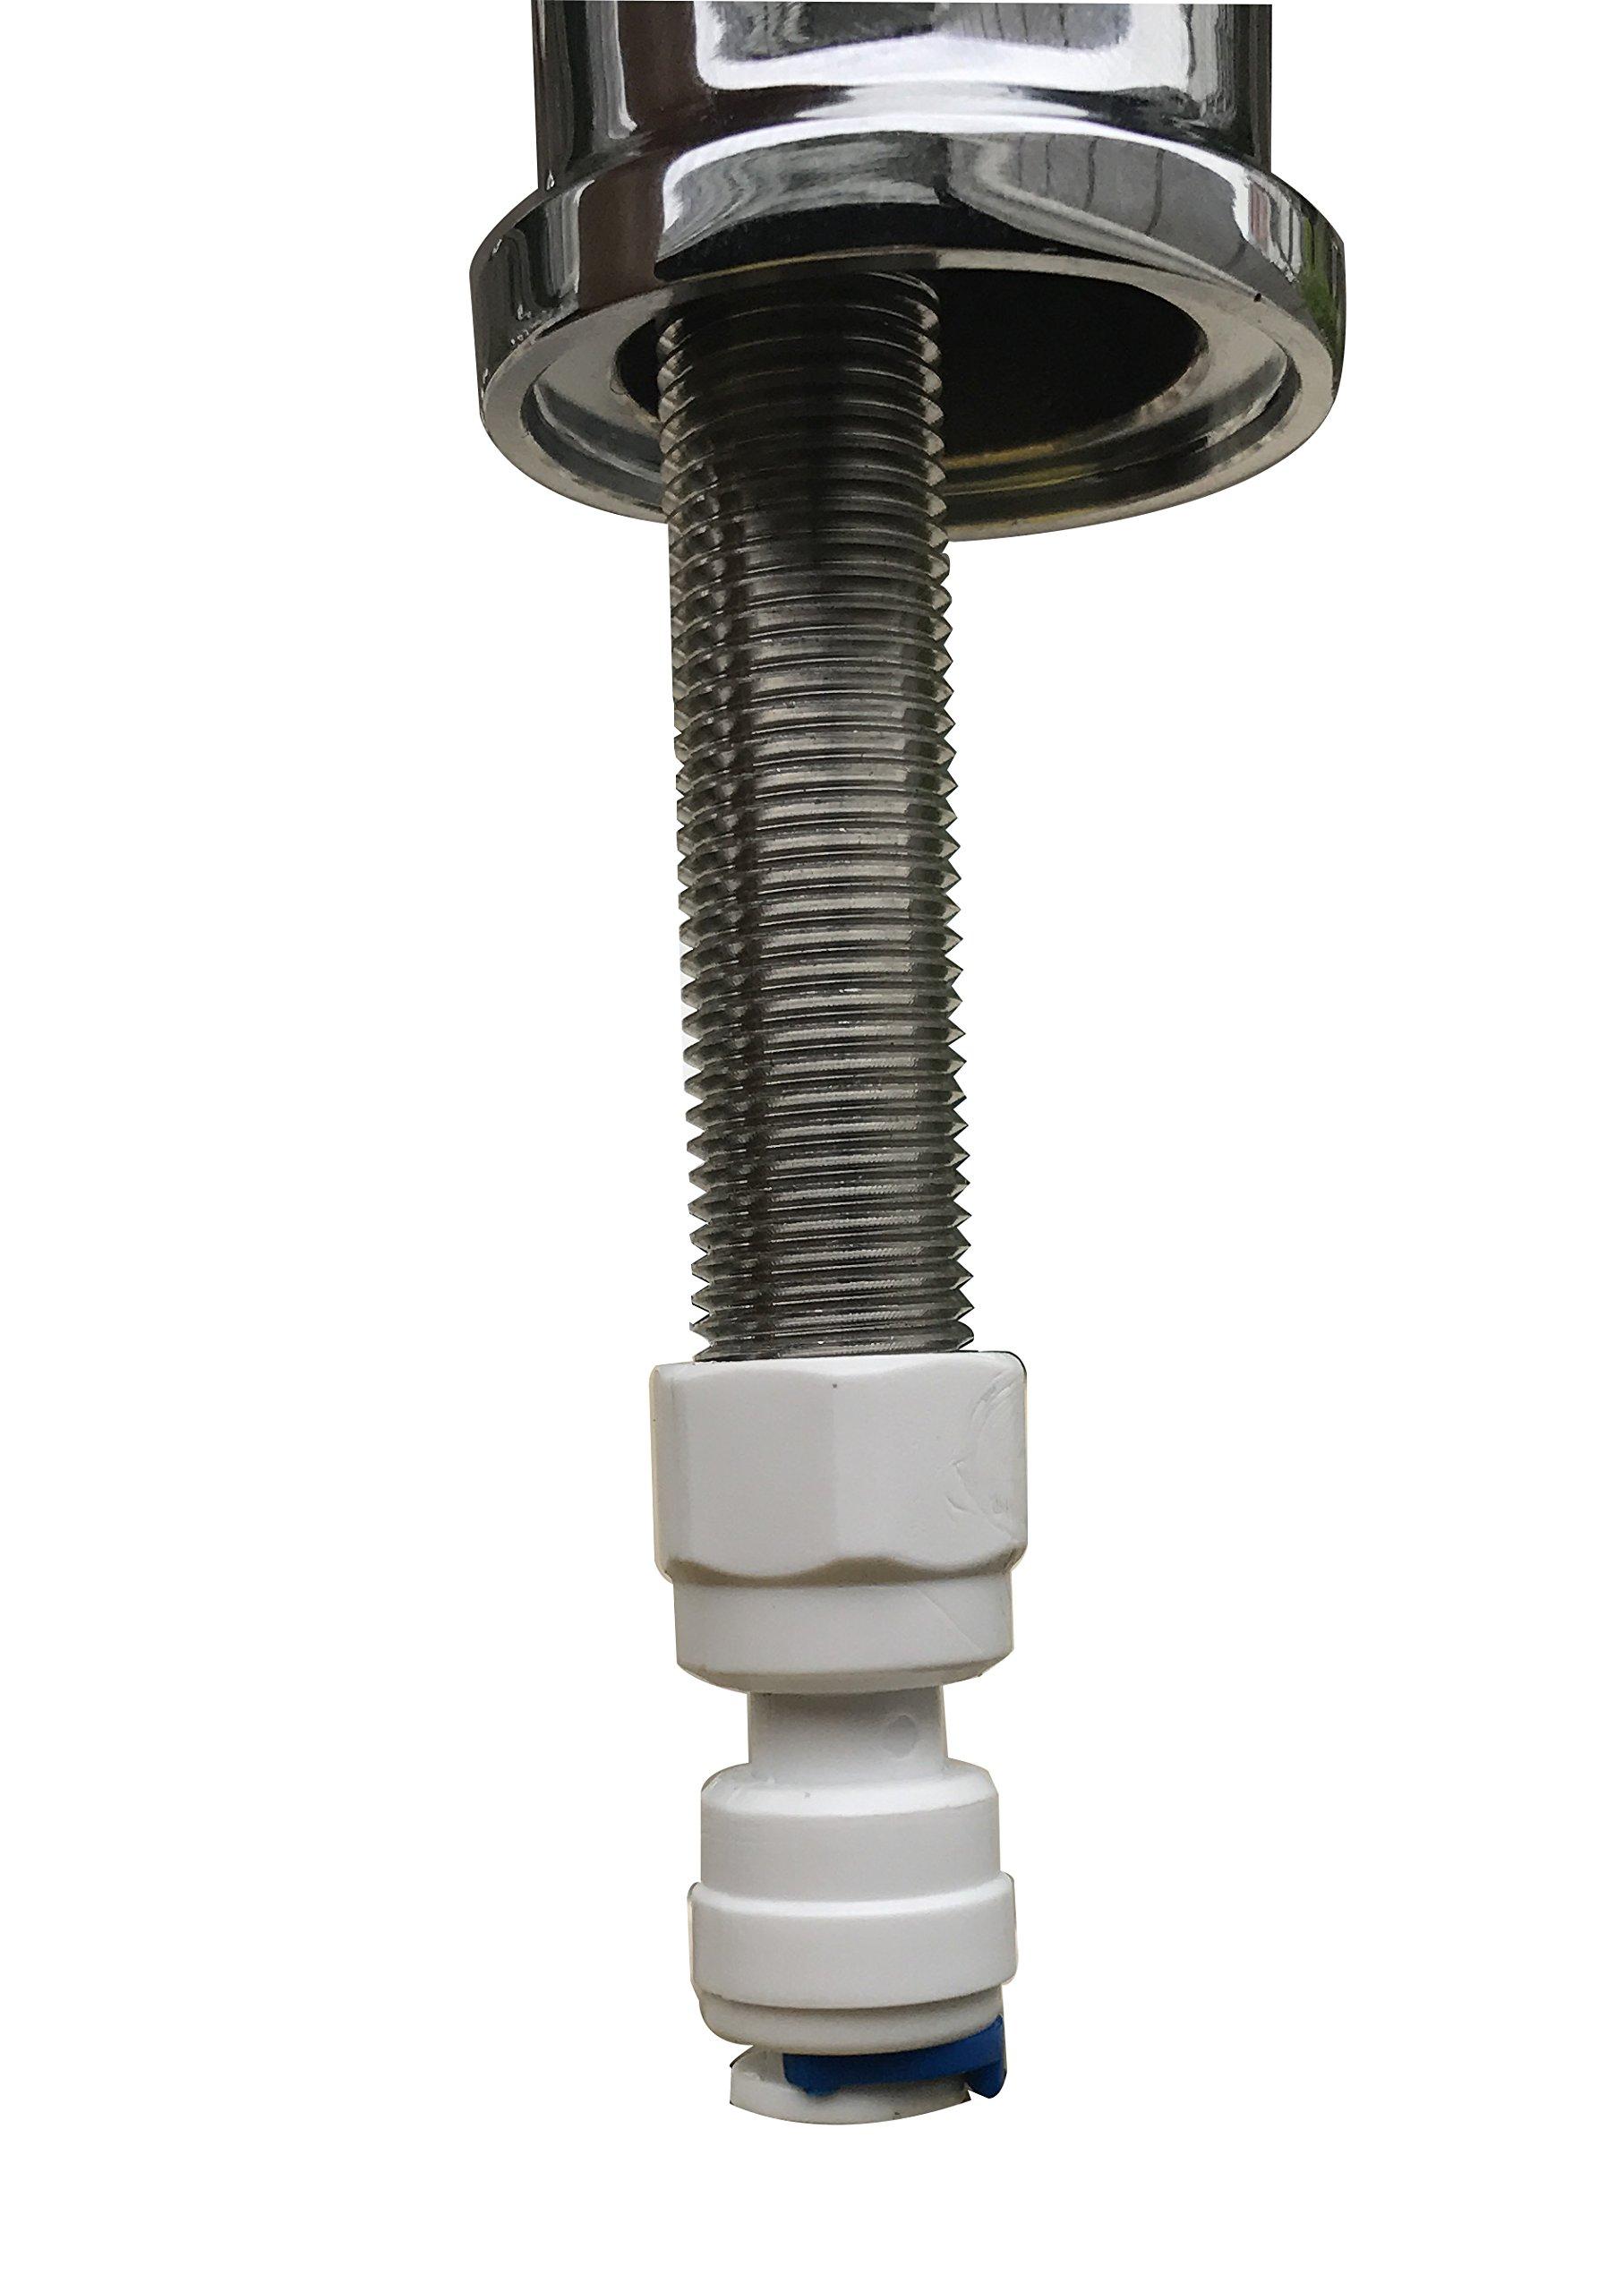 Derengge DFA-0015-BN Drinking Water Filter Faucet cUPC NSF AB1953 Lead Free Brush Nickel